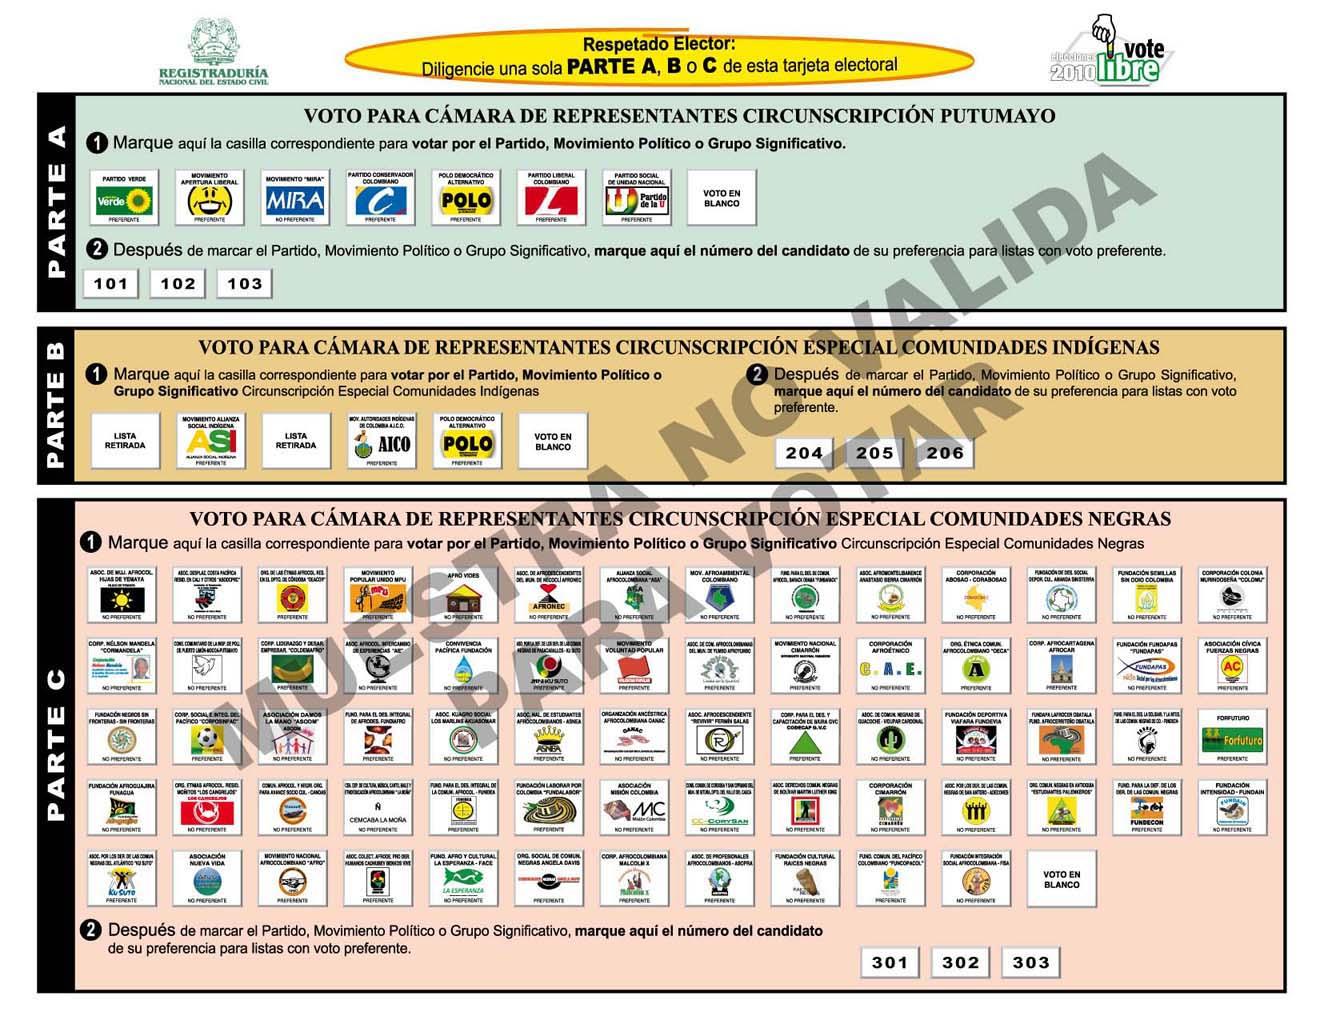 Aprenda en 5 pasos cómo votar por Senado, Cámara y Parlamento Andino el próximo 14 de marzo